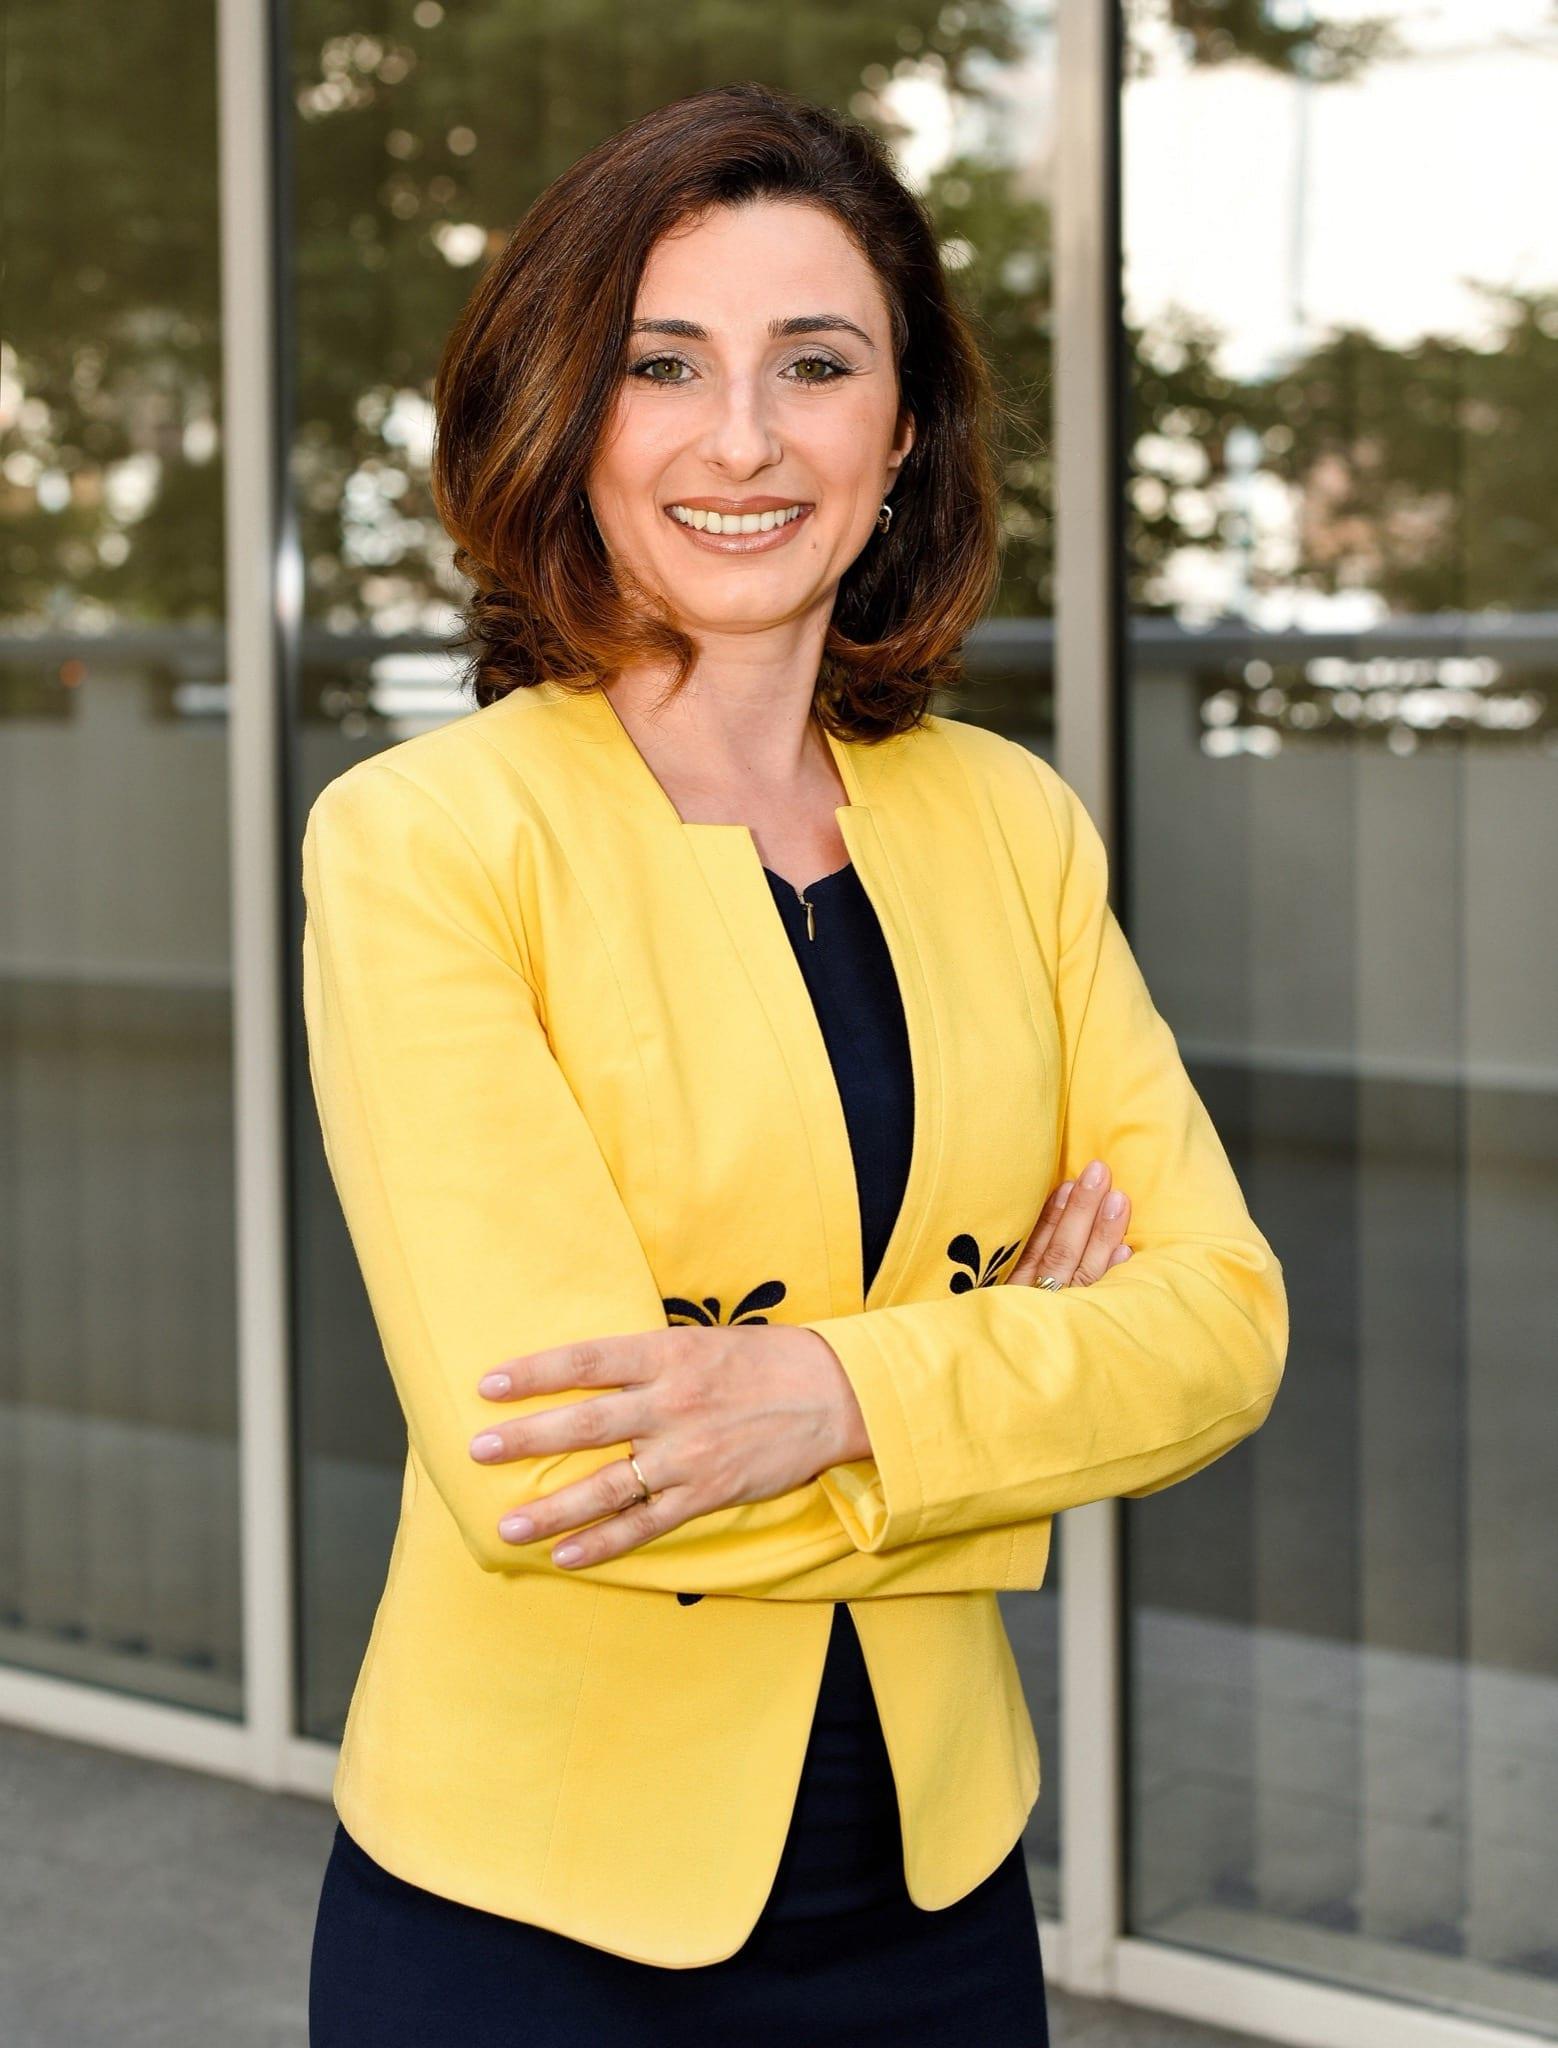 """Sinziana Pardhan Managing Director P3 Romania copy 1 - Sînziana Pardhan, P3: """"Suntem încrezători în perspectivele de dezvoltare pe termen lung ale pieței din România"""""""